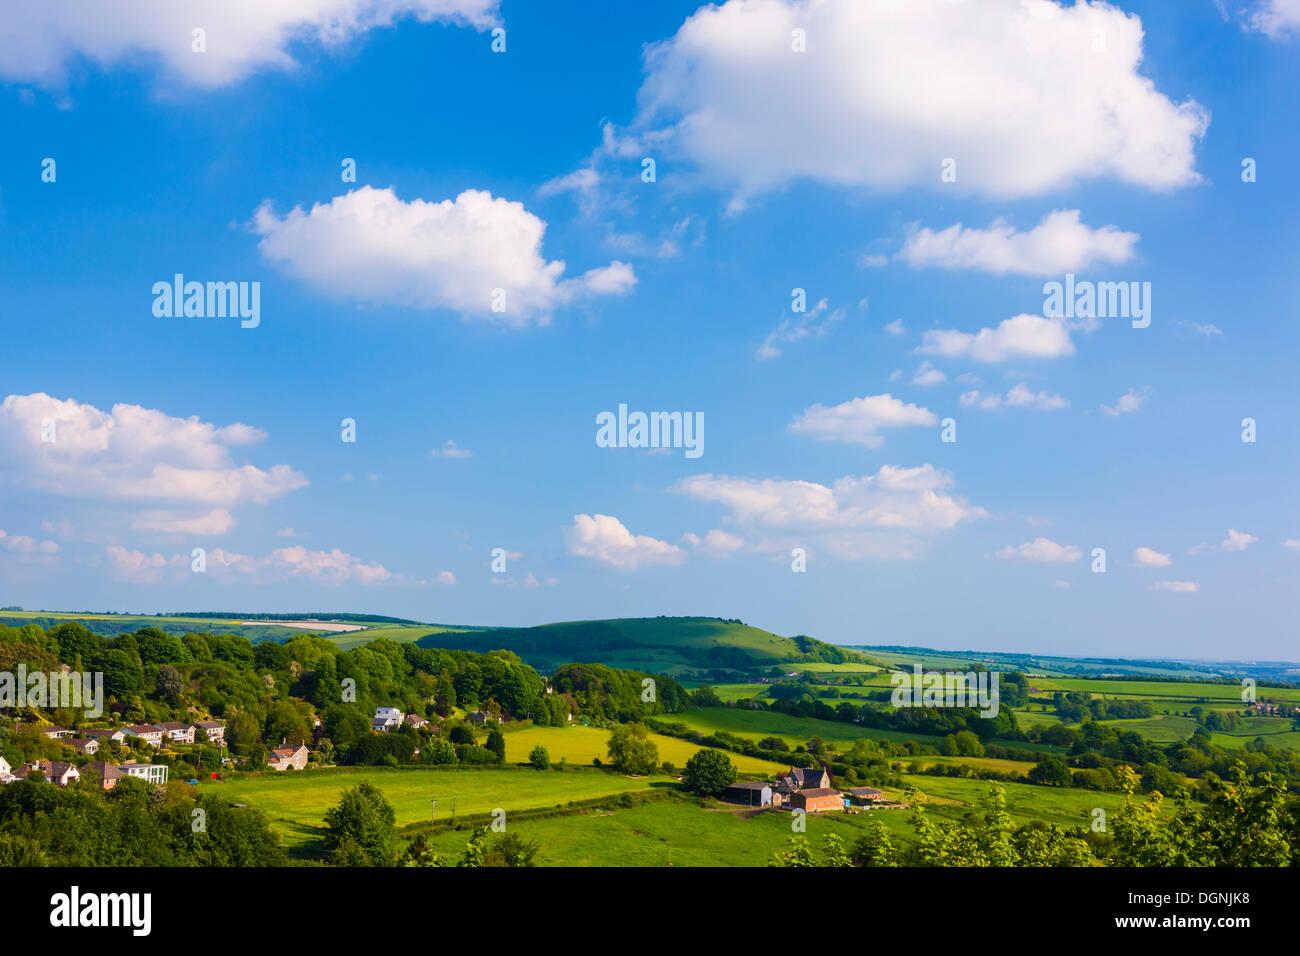 Landscape, bei Shaftesbury, Dorset, England, United Kingdom - Stock Image